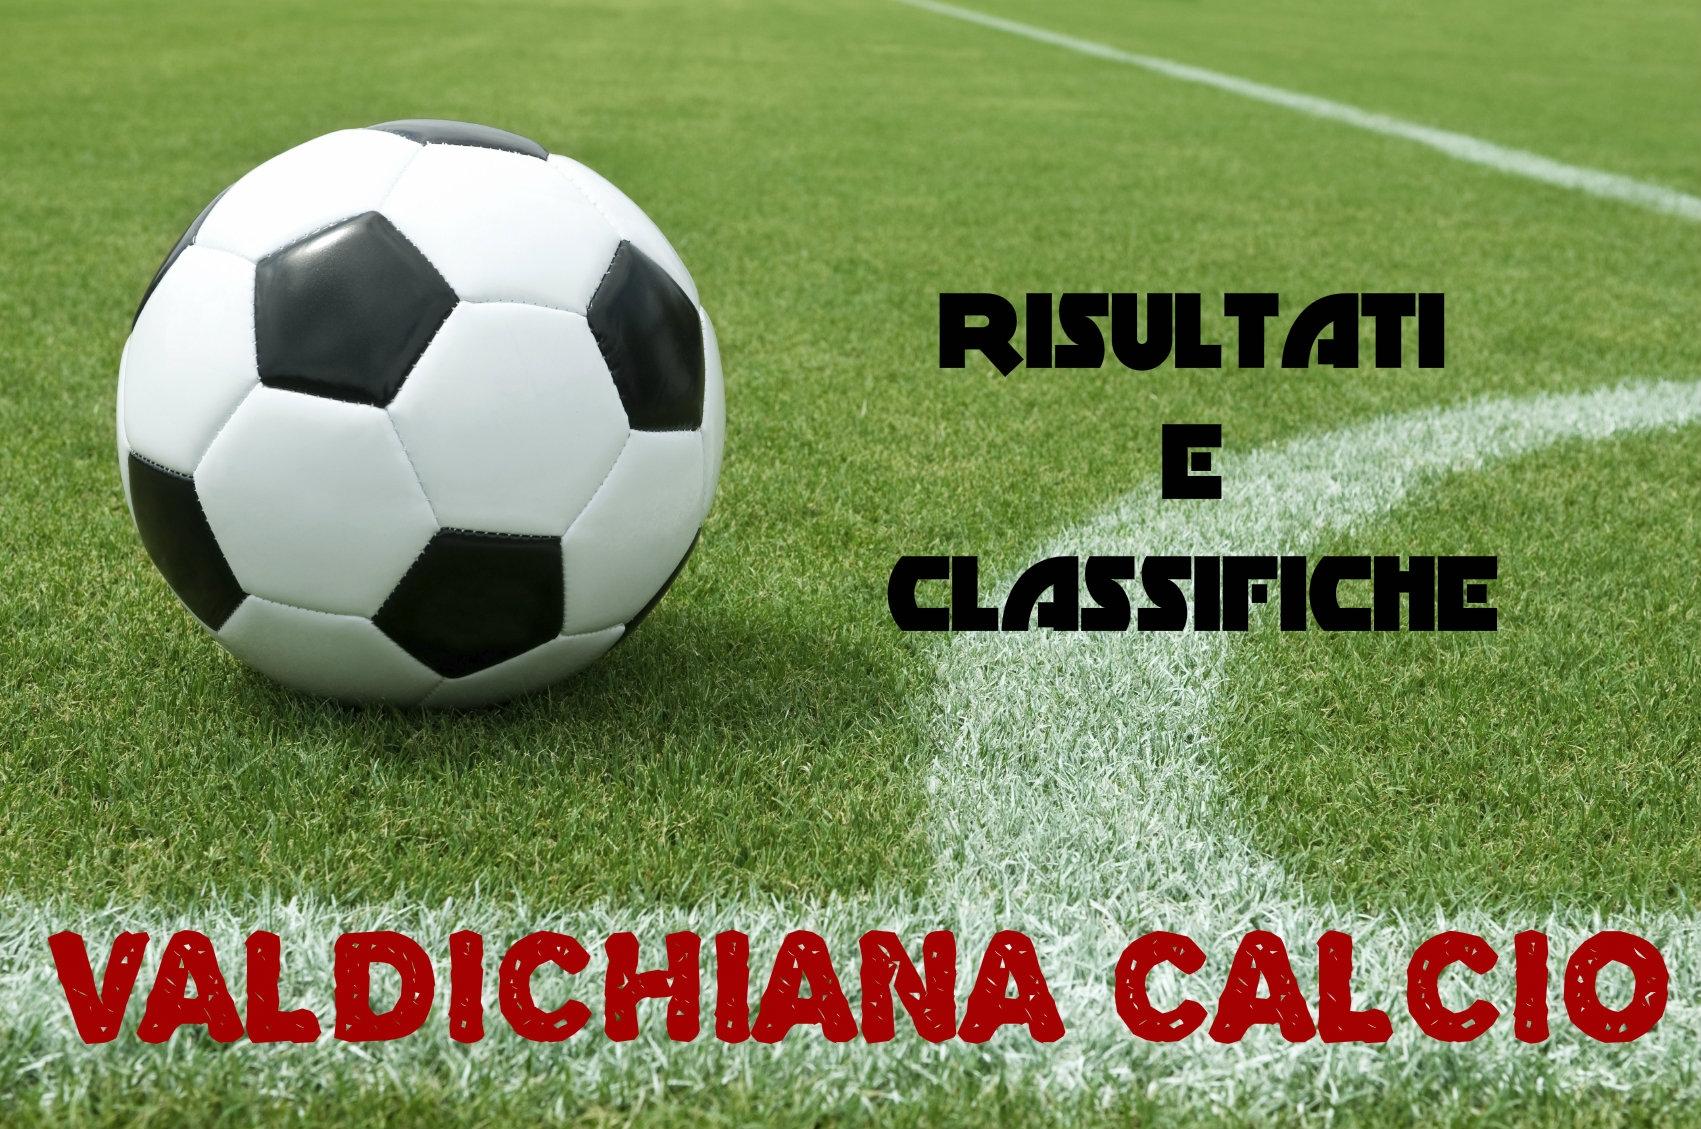 Calcio: risultati dall'Eccellenza alla Seconda Categoria